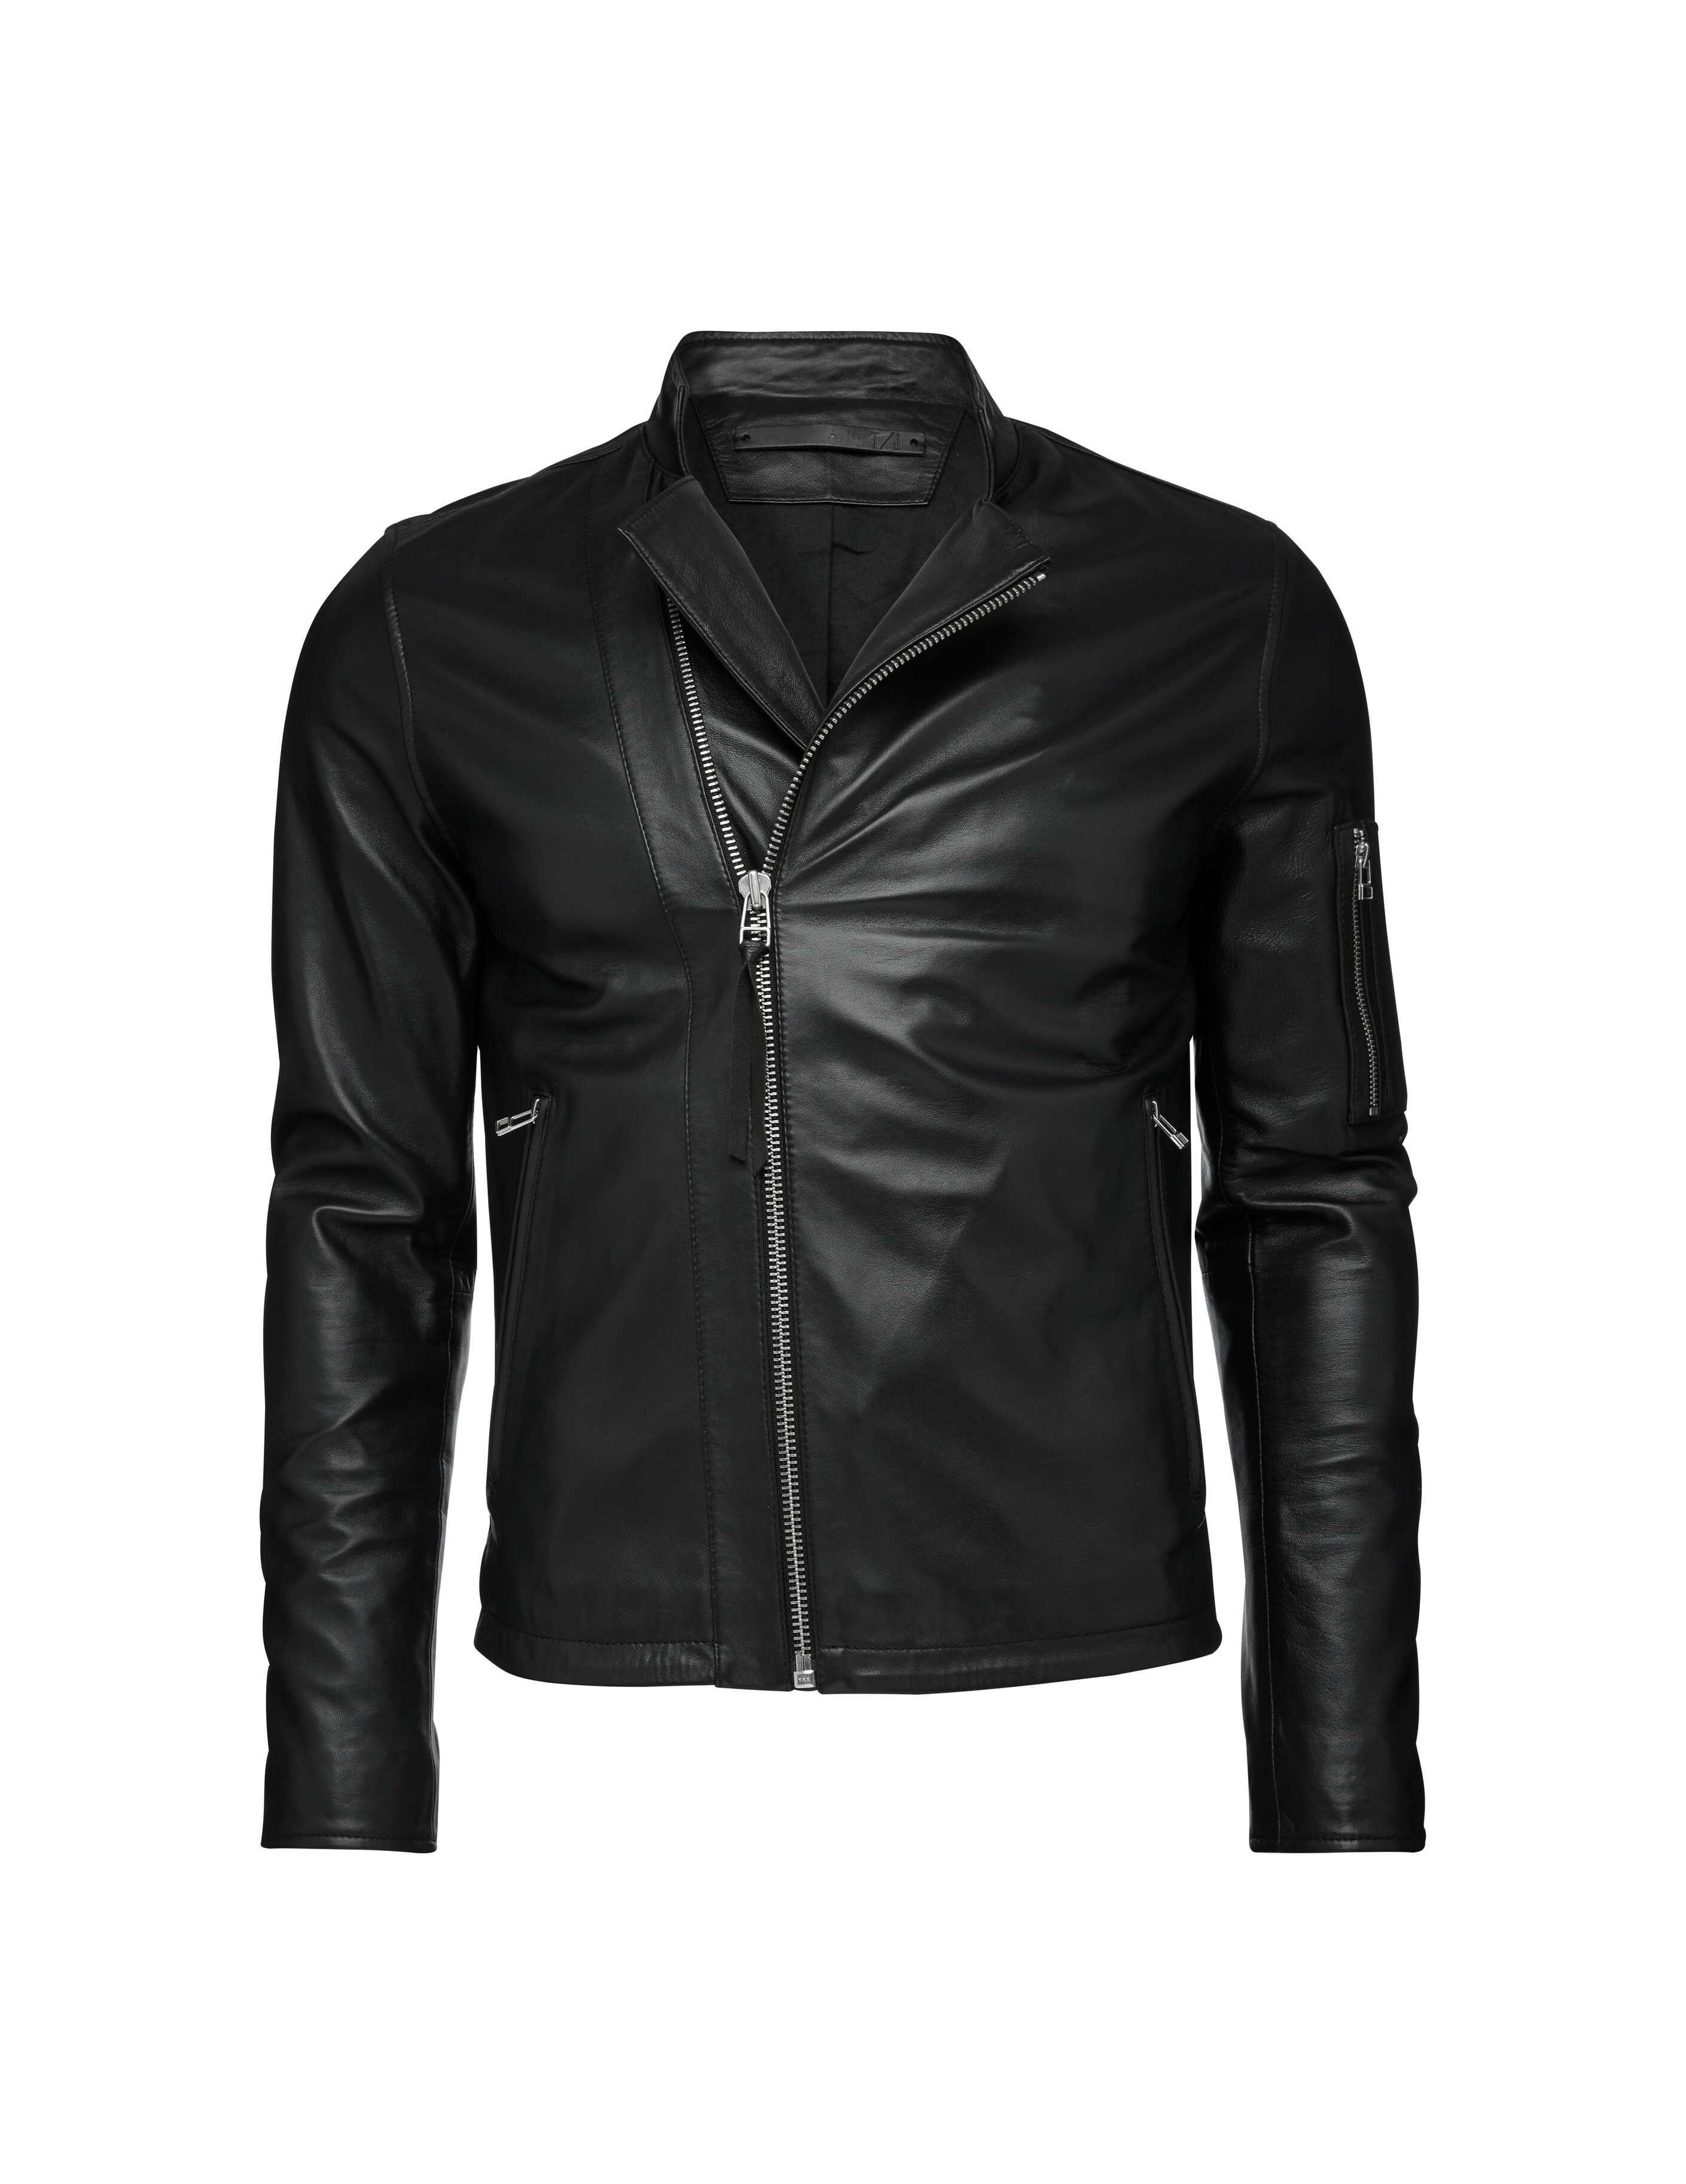 Rikki suede jacket black